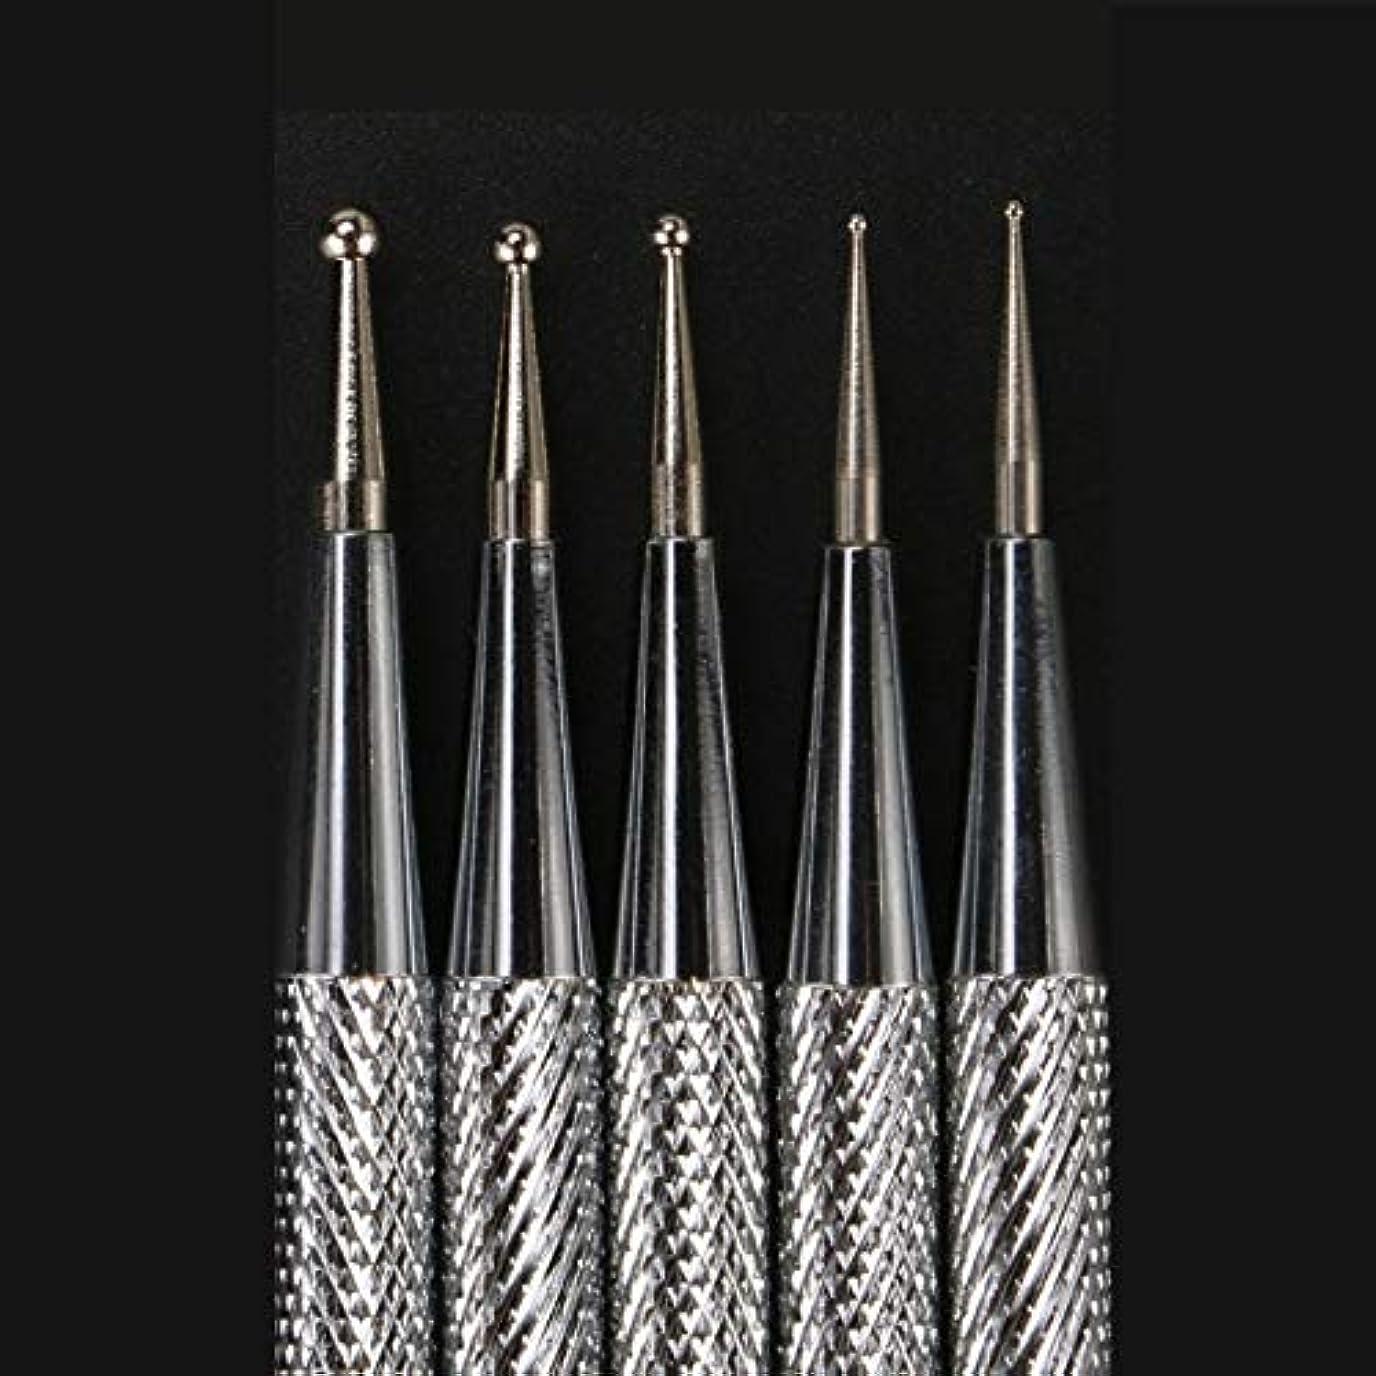 形成ラベ位置する5本のネイルアートドットペンデュアルエンドステンレススチールラインストーンクリスタルジェムピッカー